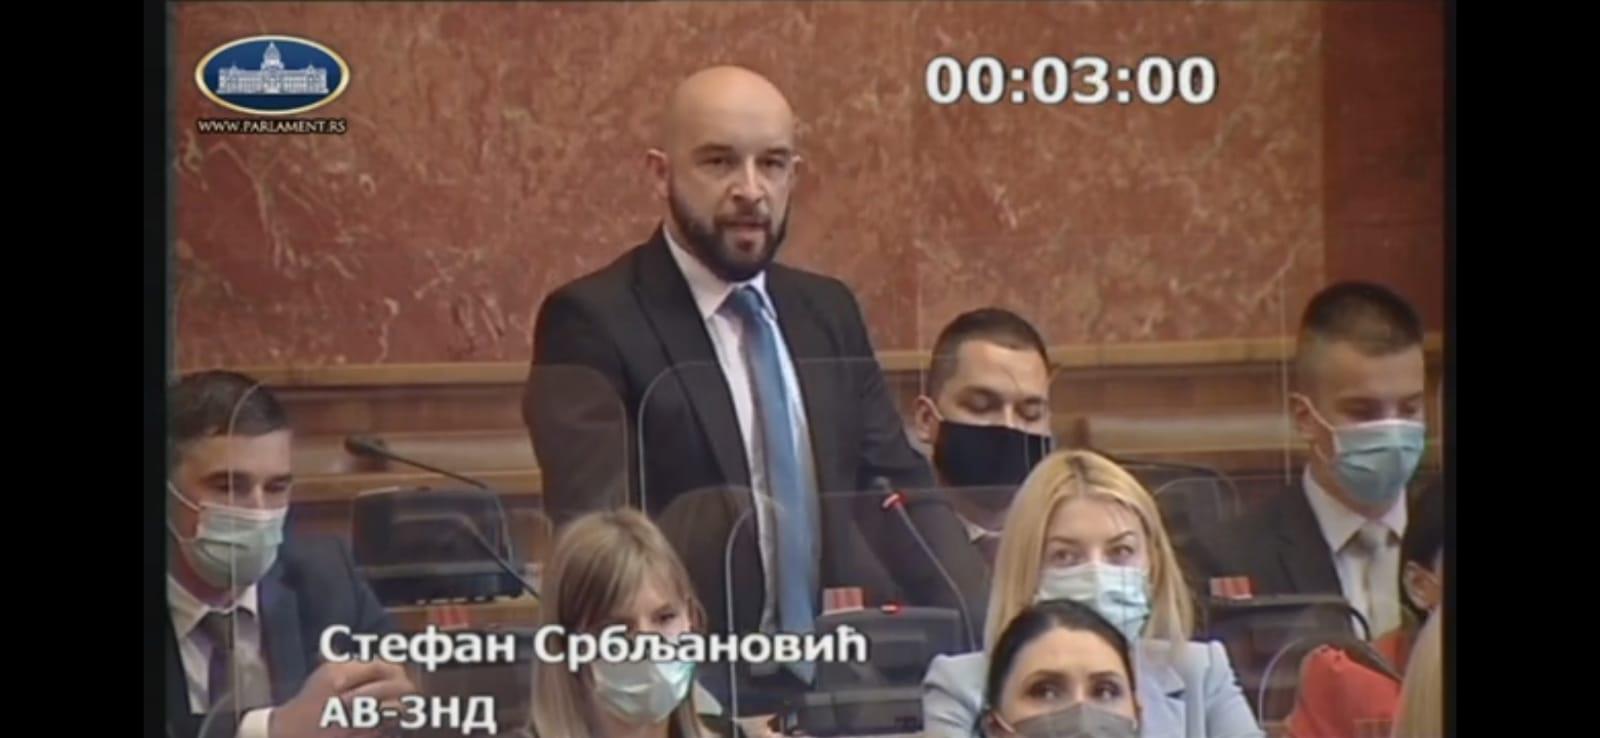 Narodni poslanik Stefan Srbljanovic